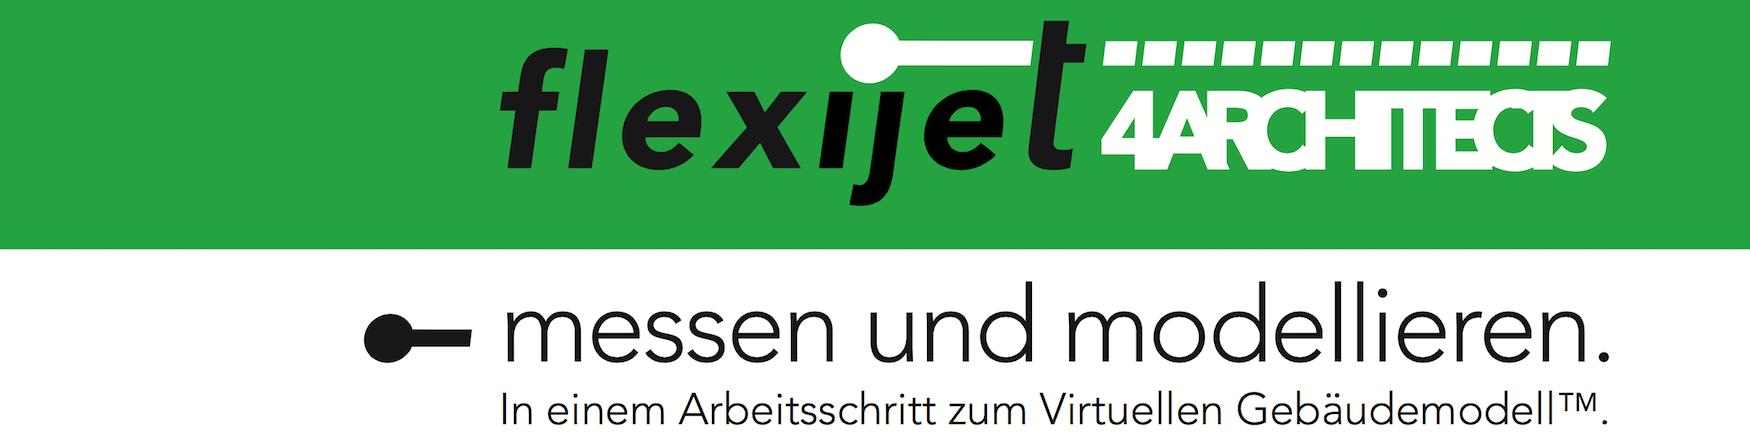 flexijet_banner